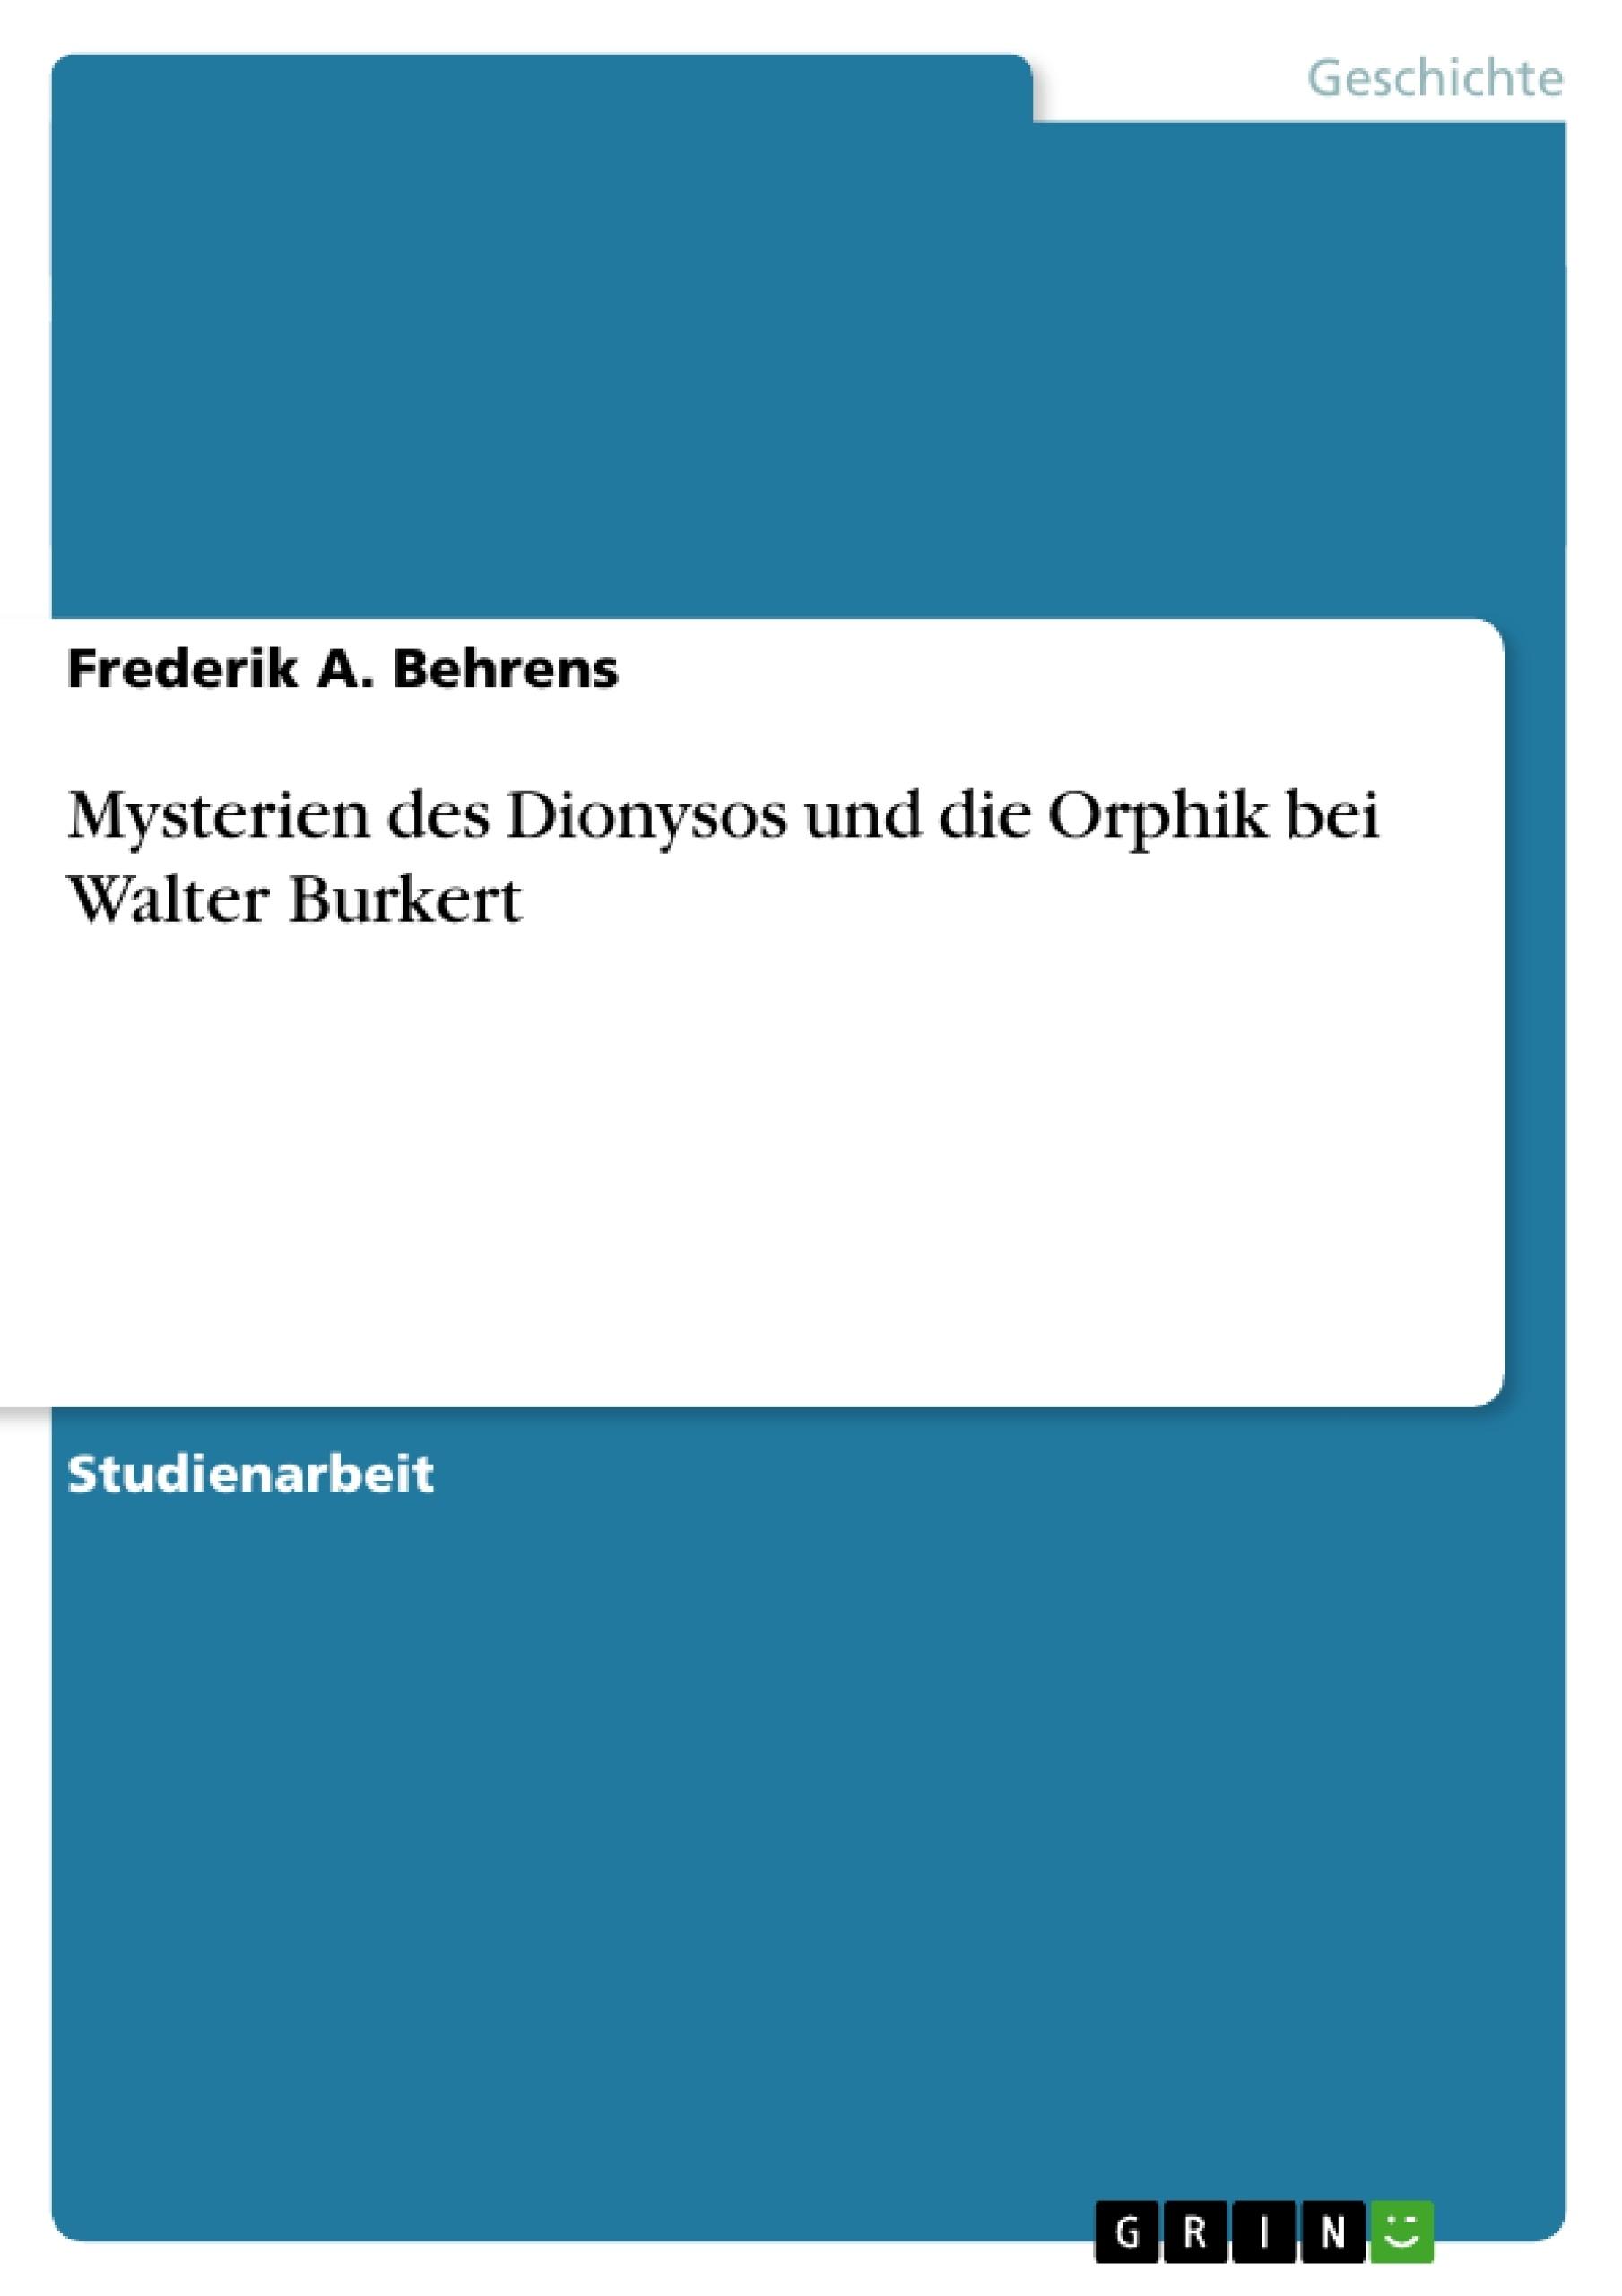 Titel: Mysterien des Dionysos und die Orphik bei Walter Burkert